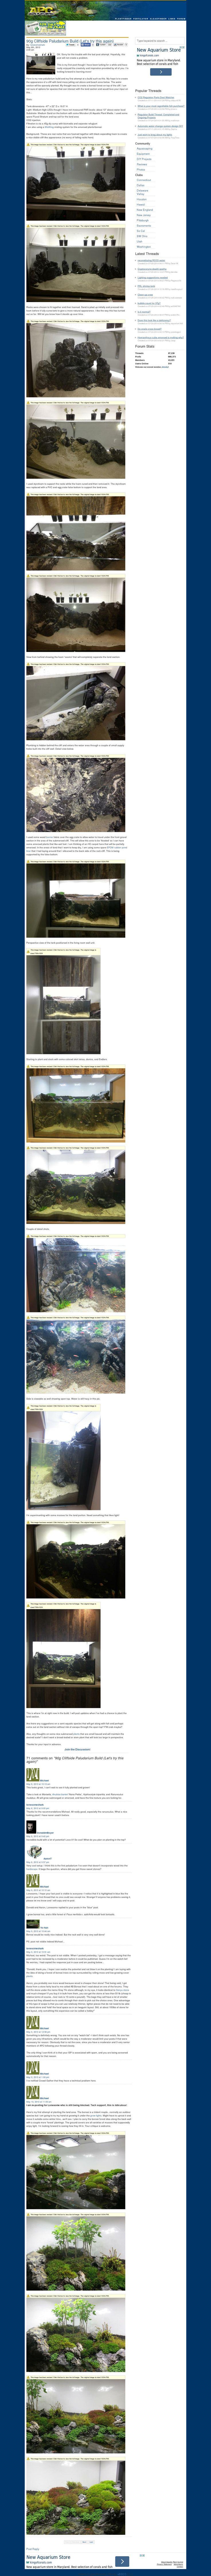 e3ce65c1fe3a9bbe478a60b37a6706bc--aquarium Frais De Aquarium tortue Aquatique Schème